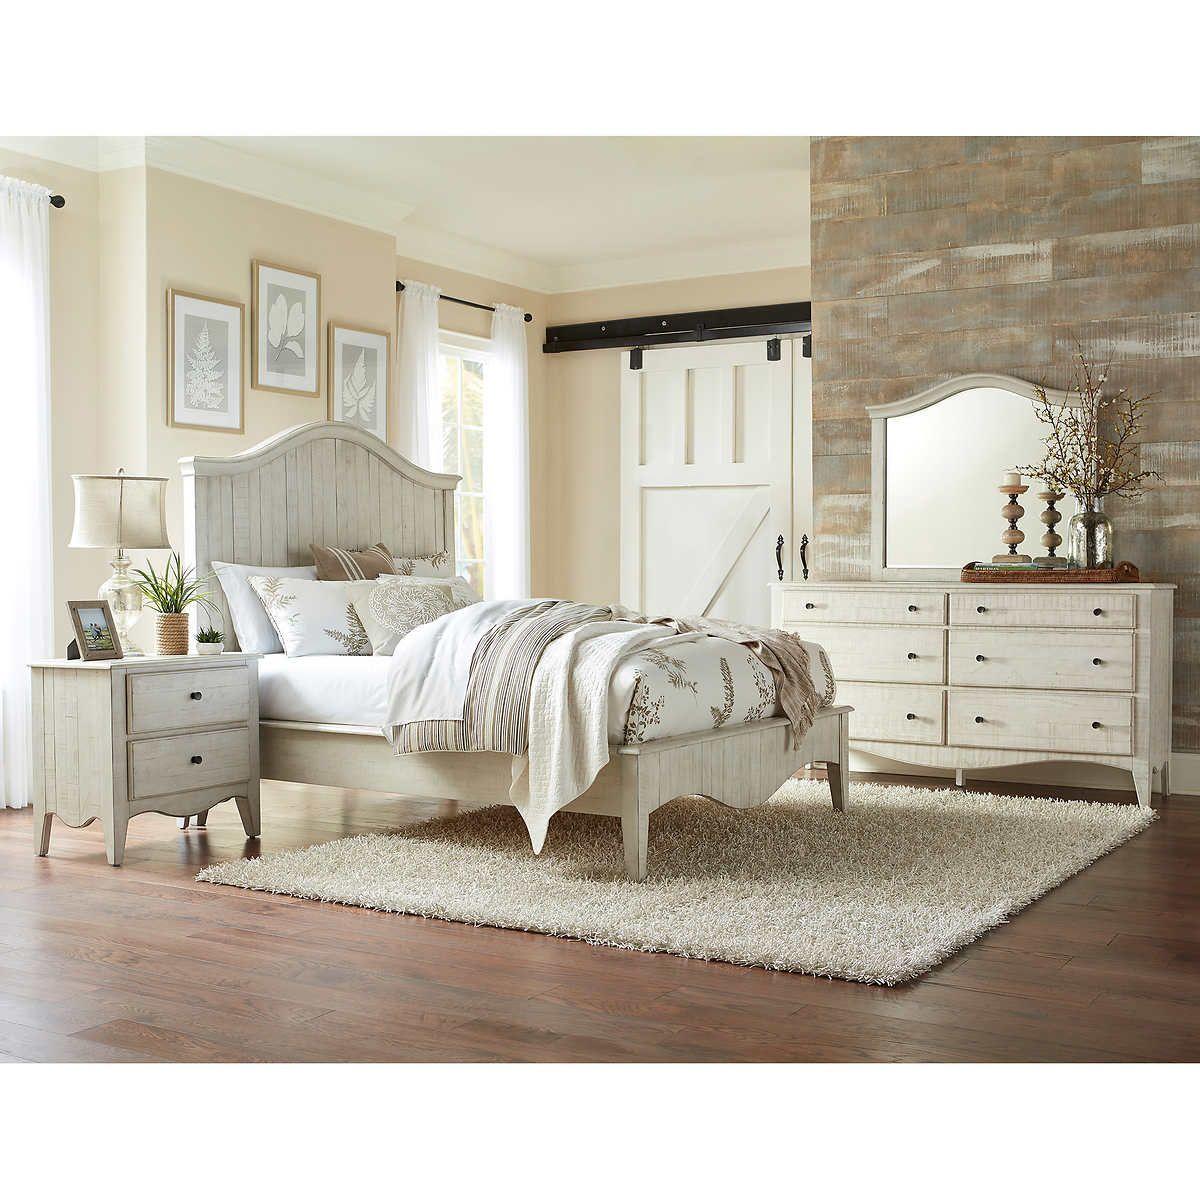 Altrette 5piece Queen Bedroom Set in 2020 Bedroom sets